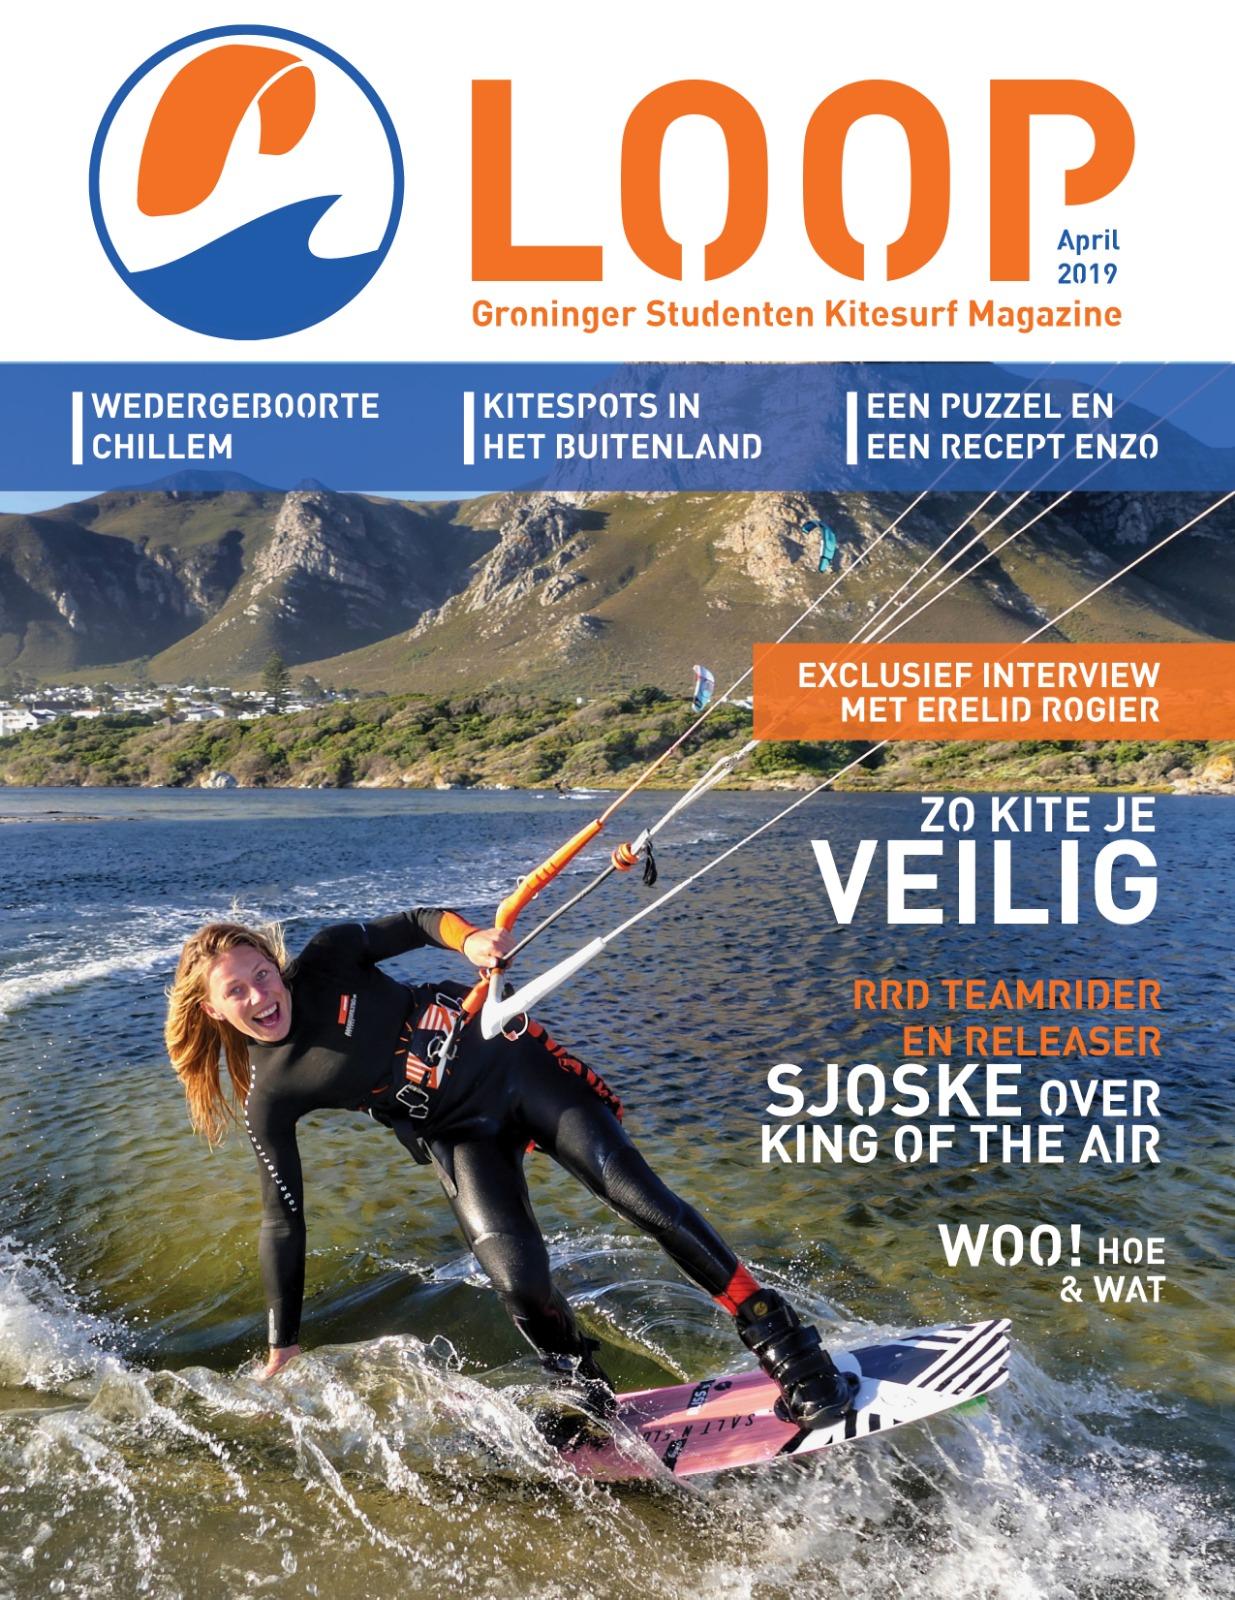 NIEUW - Ons eigen Groninger Studenten Kitesurf Magazine: de LOOP